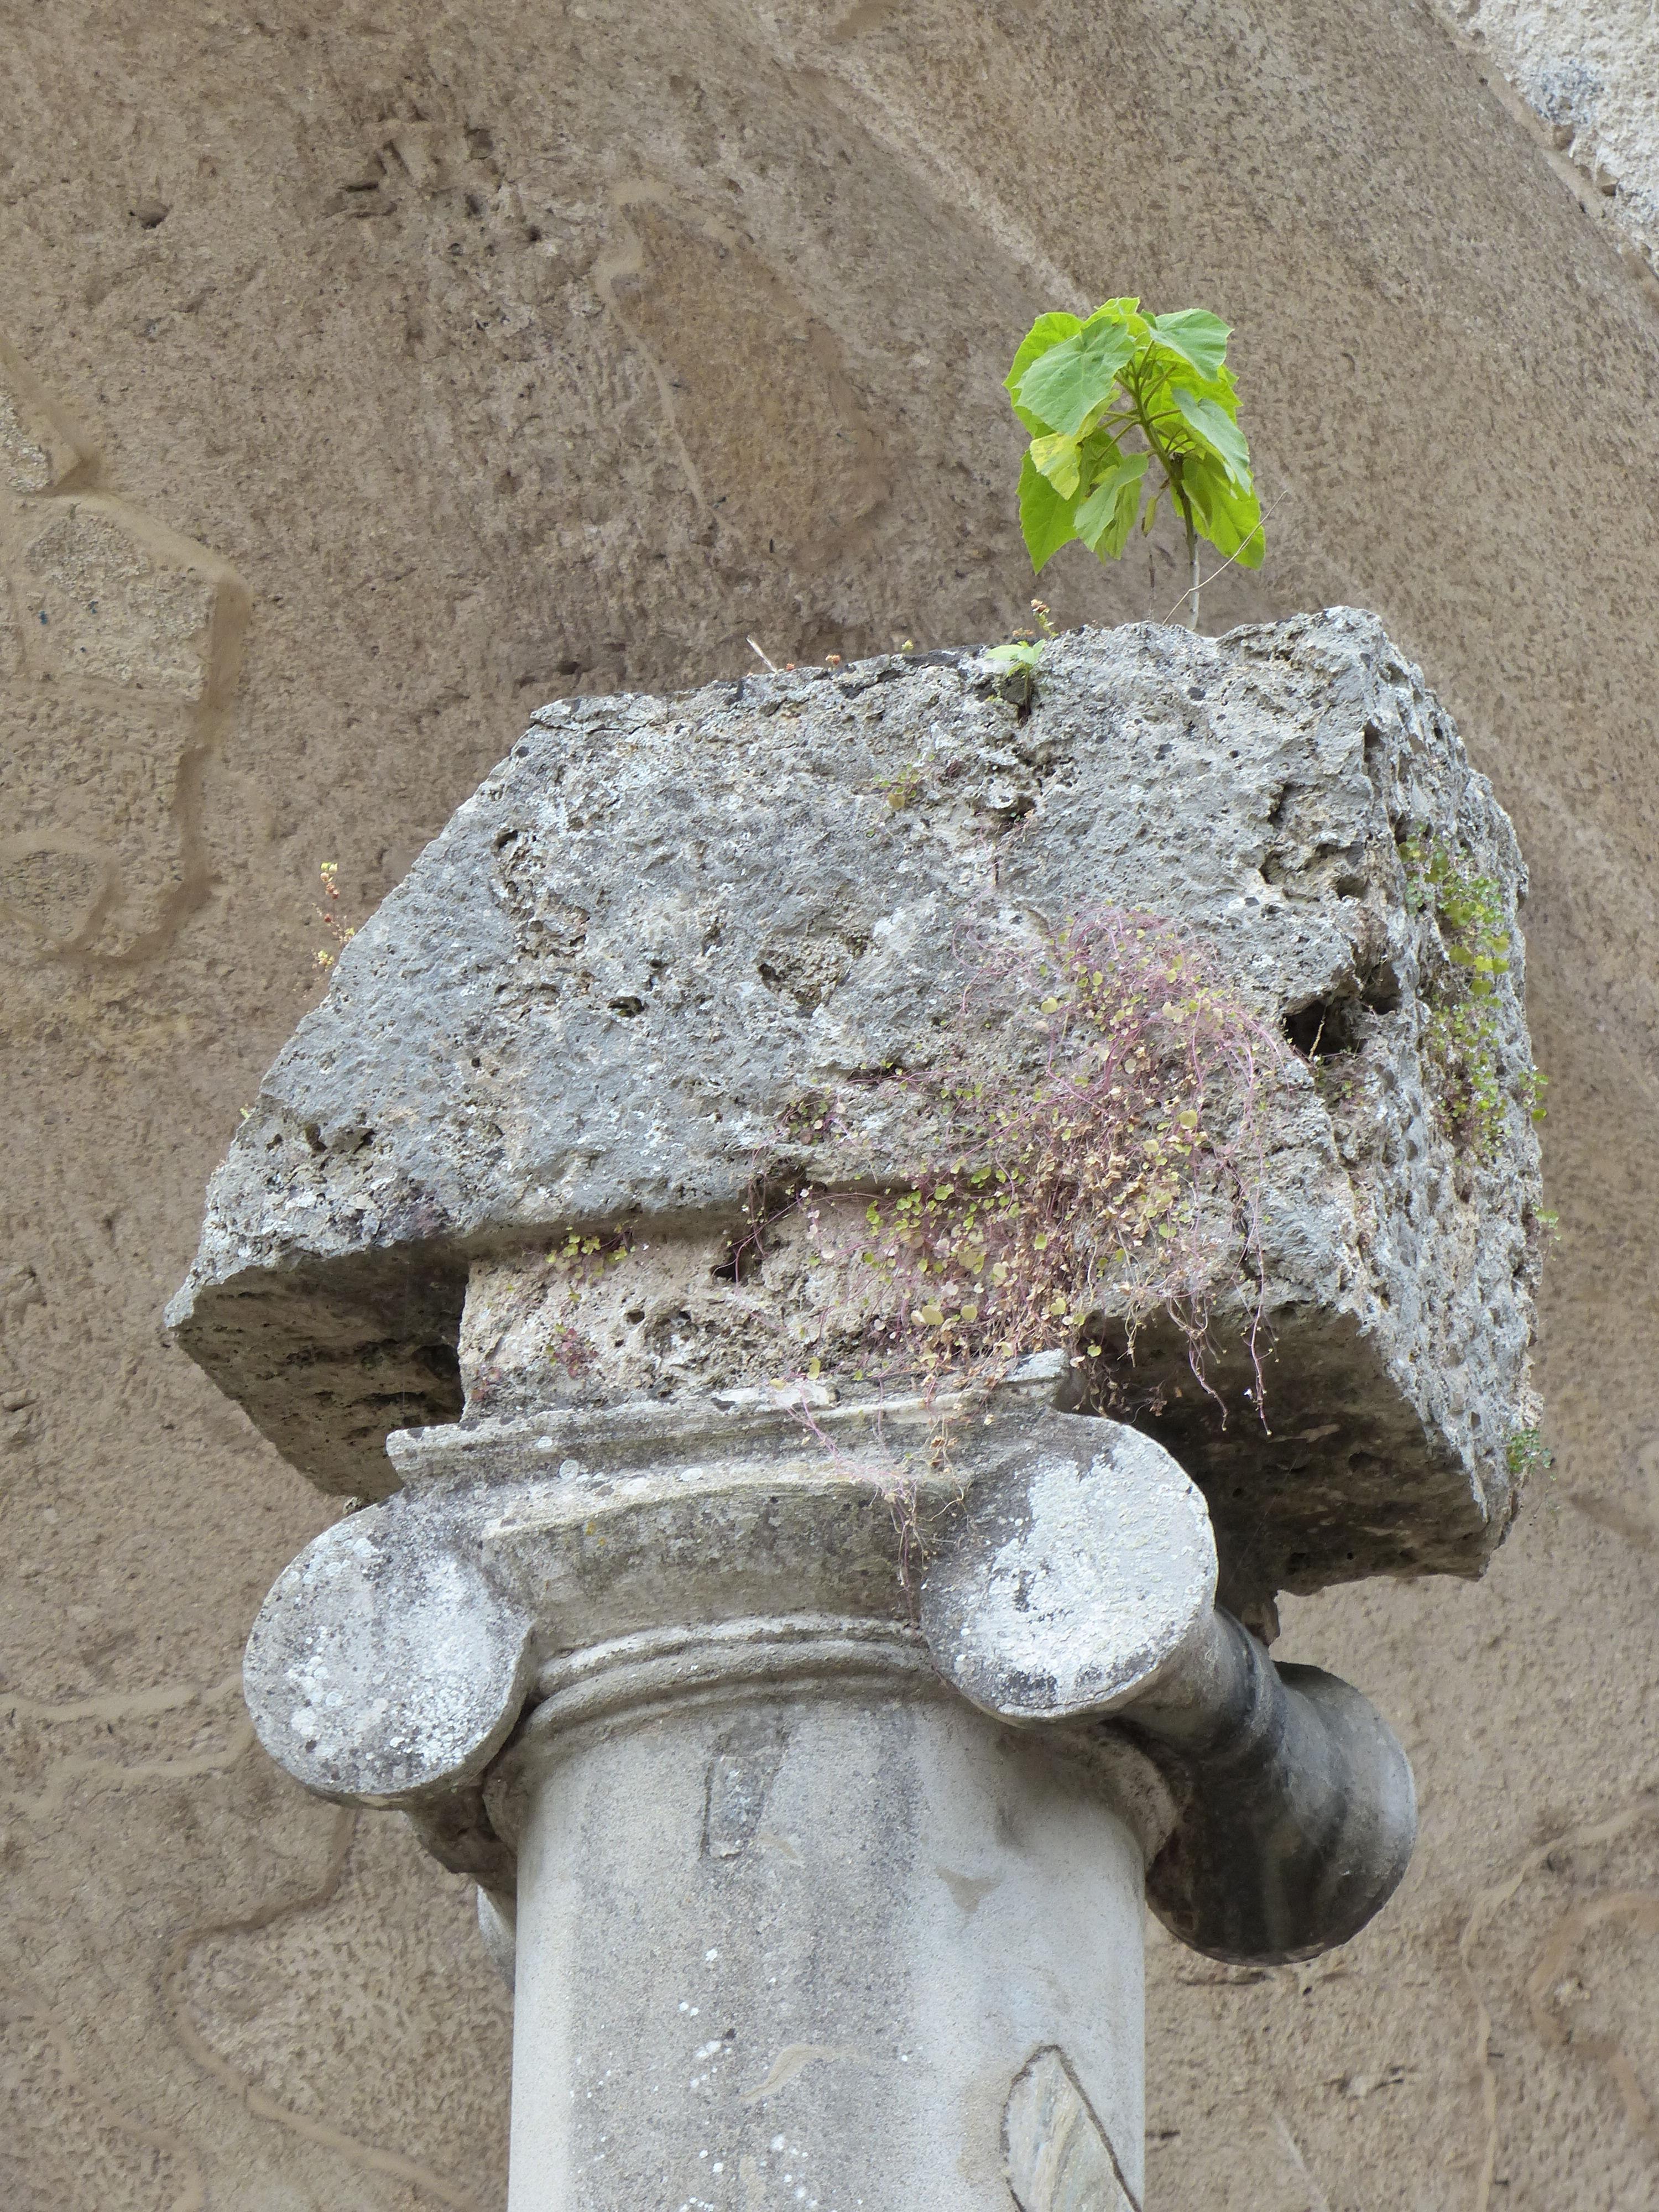 © Dipartimento di Scienze della Vita, Università di Trieste<br>by Andrea Moro<br>Comune di Tivoli, Villa adriana, area archeologica, Roma, Lazio, Italia, 06/06/2017<br>Distributed under CC-BY-SA 4.0 license.